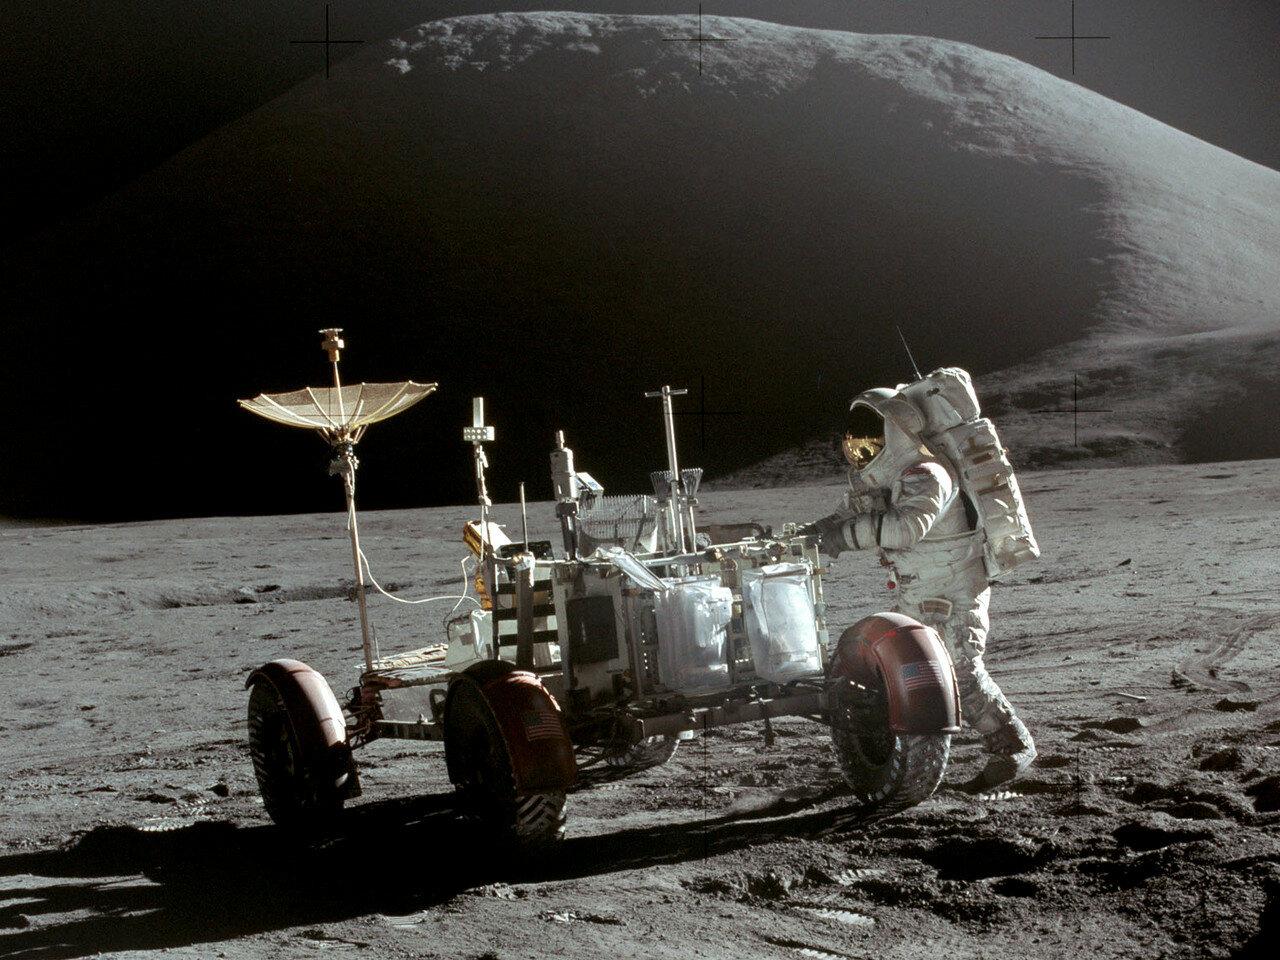 Подъехав к лунному модулю, Скотт припарковал «Ровер» у грузового отсека, в котором находился комплект научных приборов ALSEP. На снимке: Джеймс Ирвин у «Лунного Ровера». Фото сделано Дэвидом Скоттом в самом конце первого выхода на поверхность